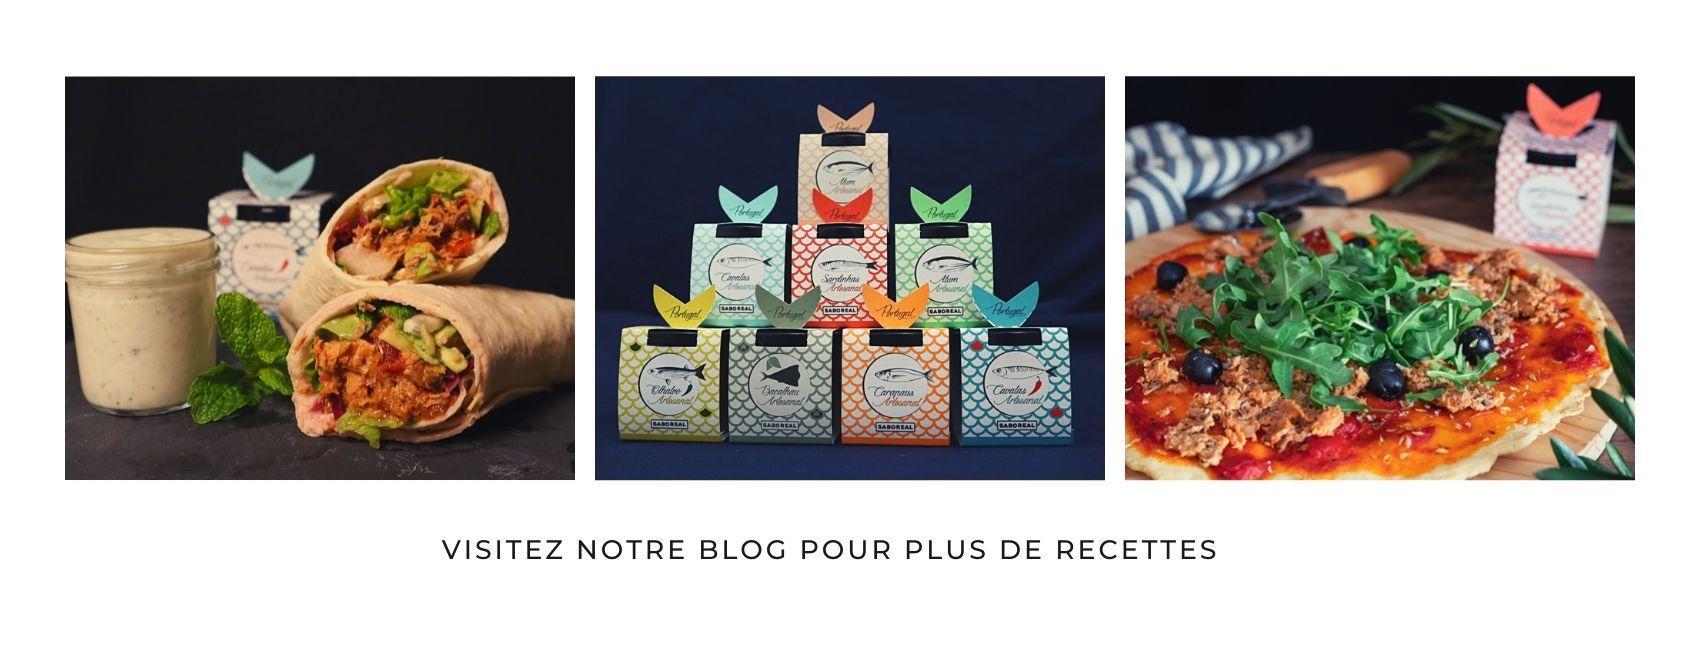 Découvrez des recettes inspirantes sur notre blog pour utiliser les produits Saboreal. Petiscadas, Familiares Saboreal,...